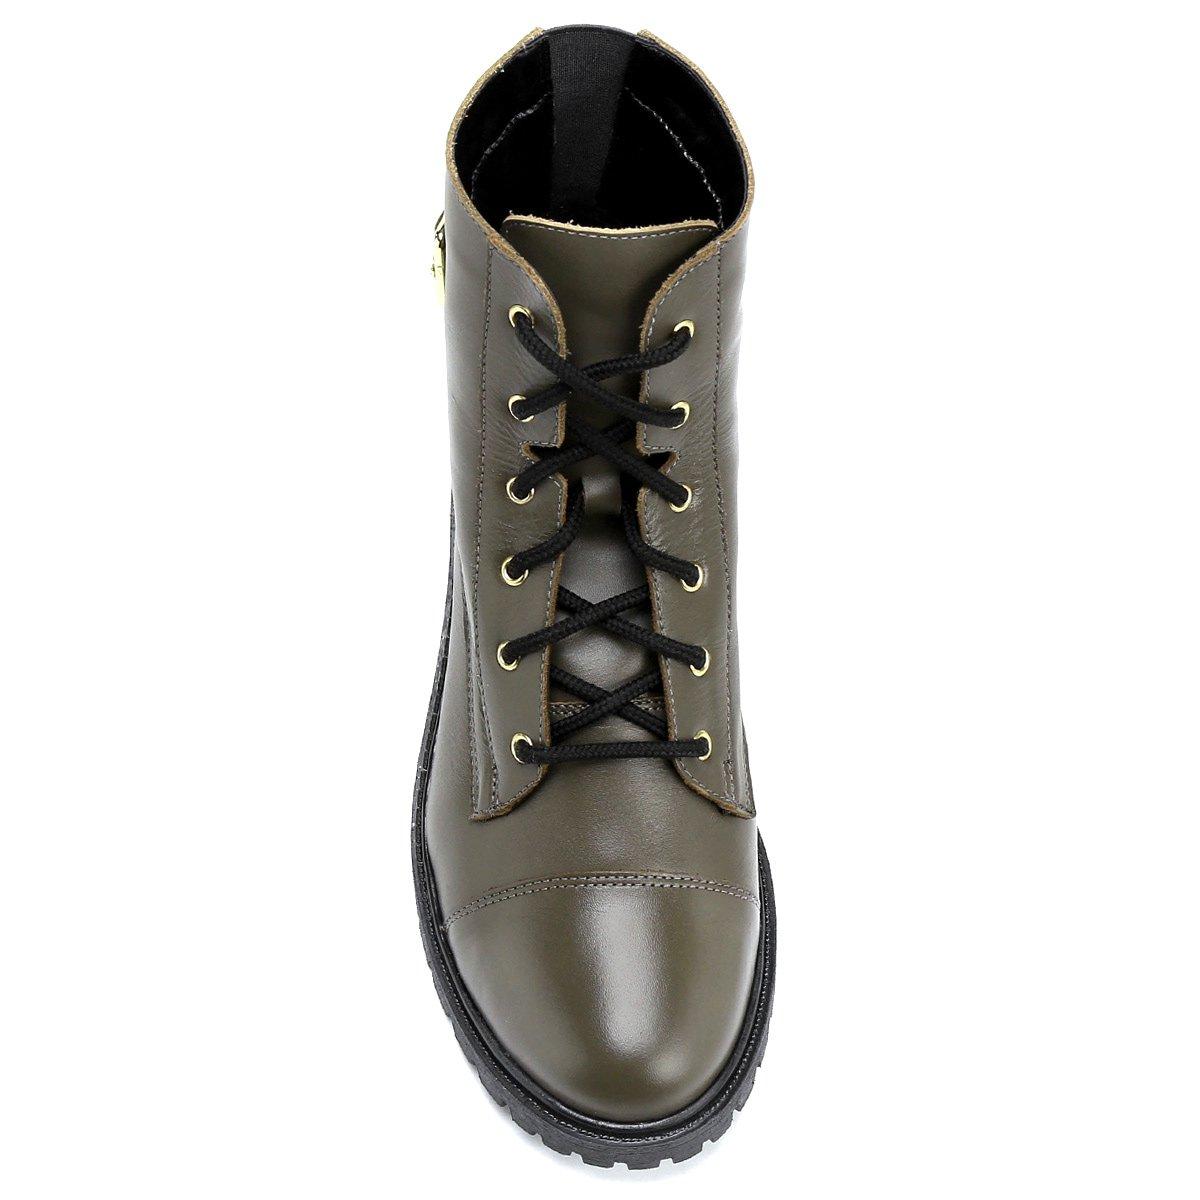 1dc7a63dbdb0c Bota Couro Coturno Shoestock Fivela Feminina - Oliva - Compre Agora ...